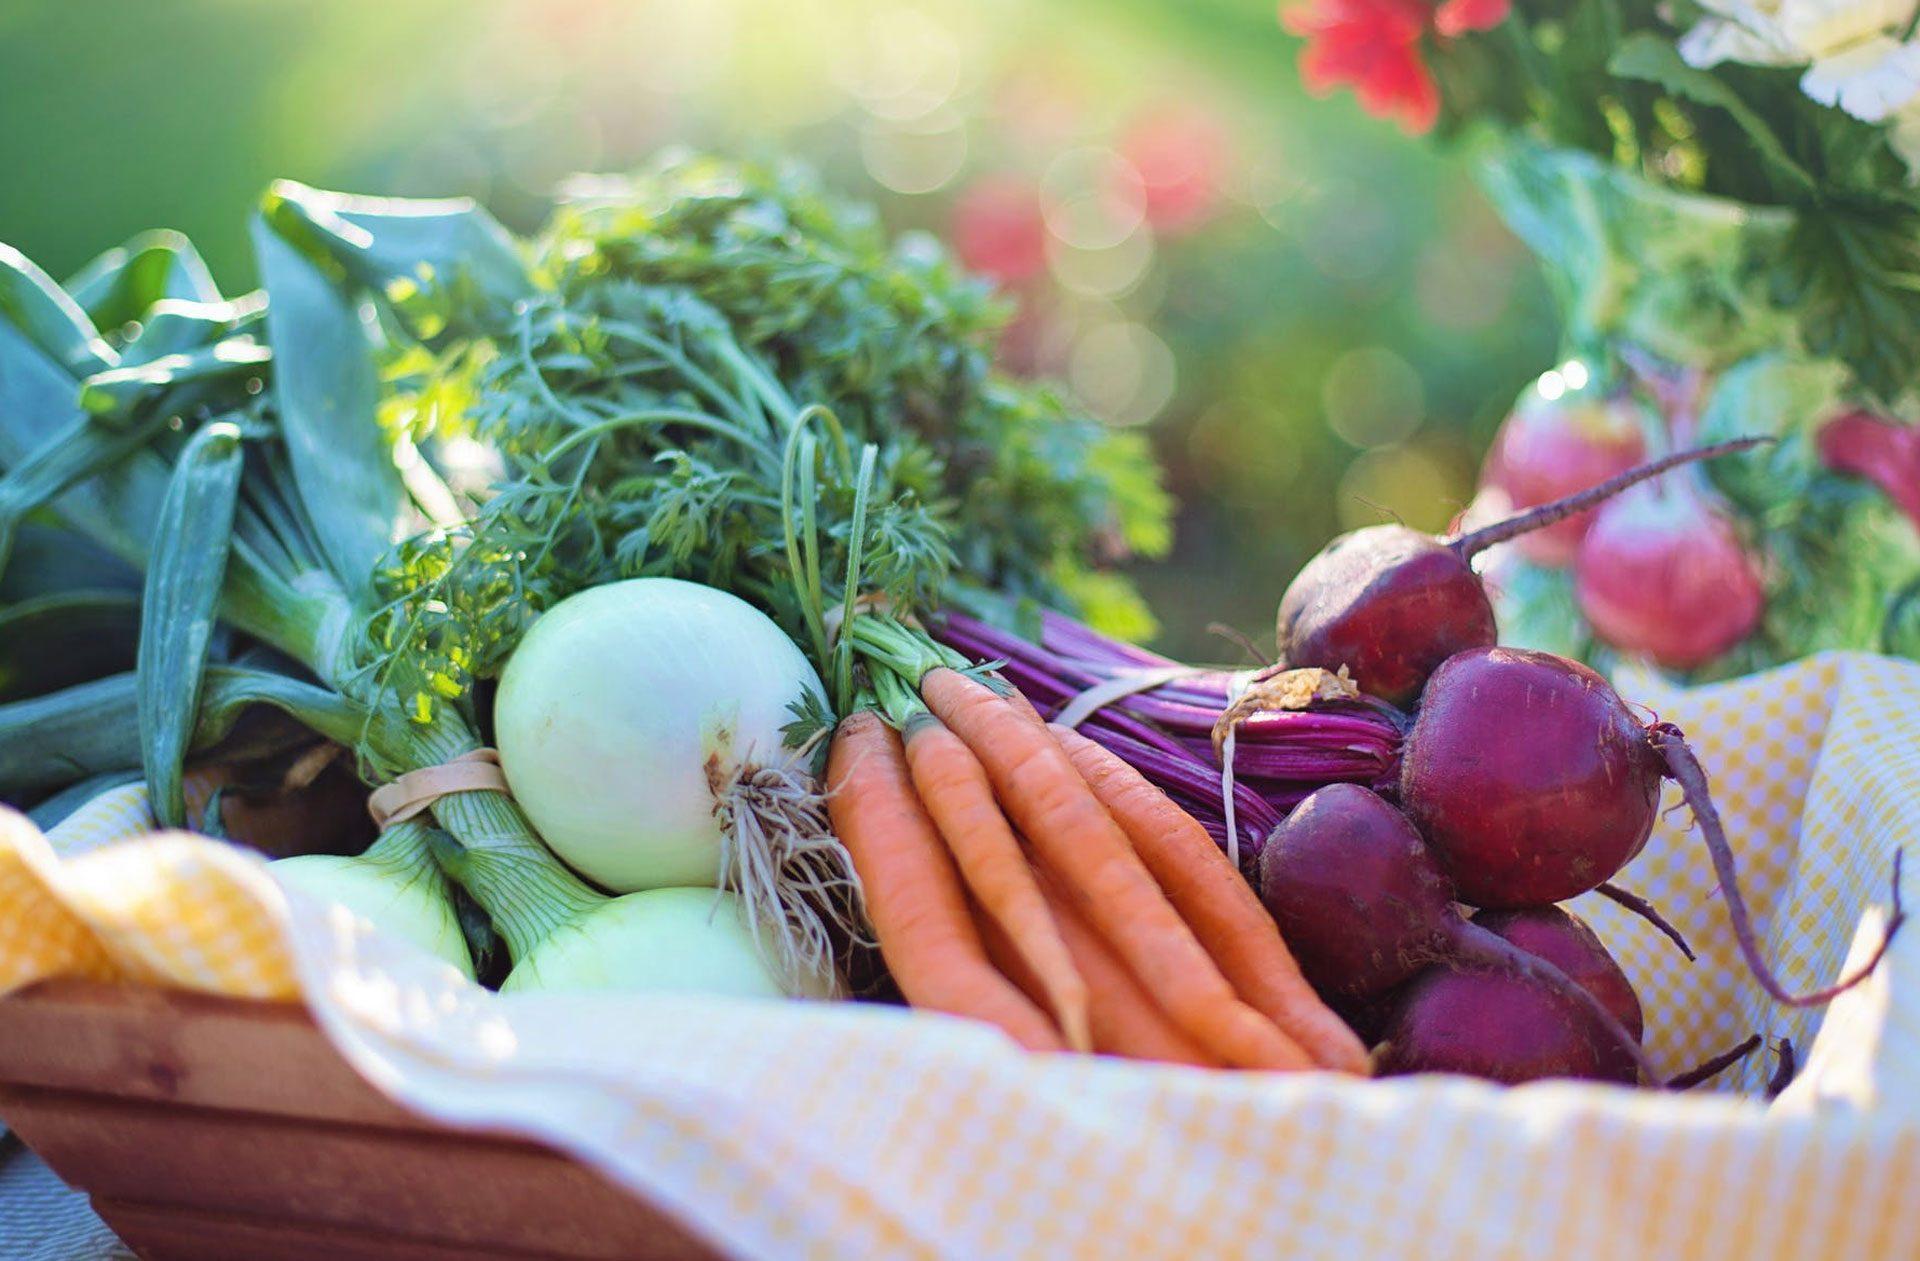 Pequeños cambios para una alimentación más saludable